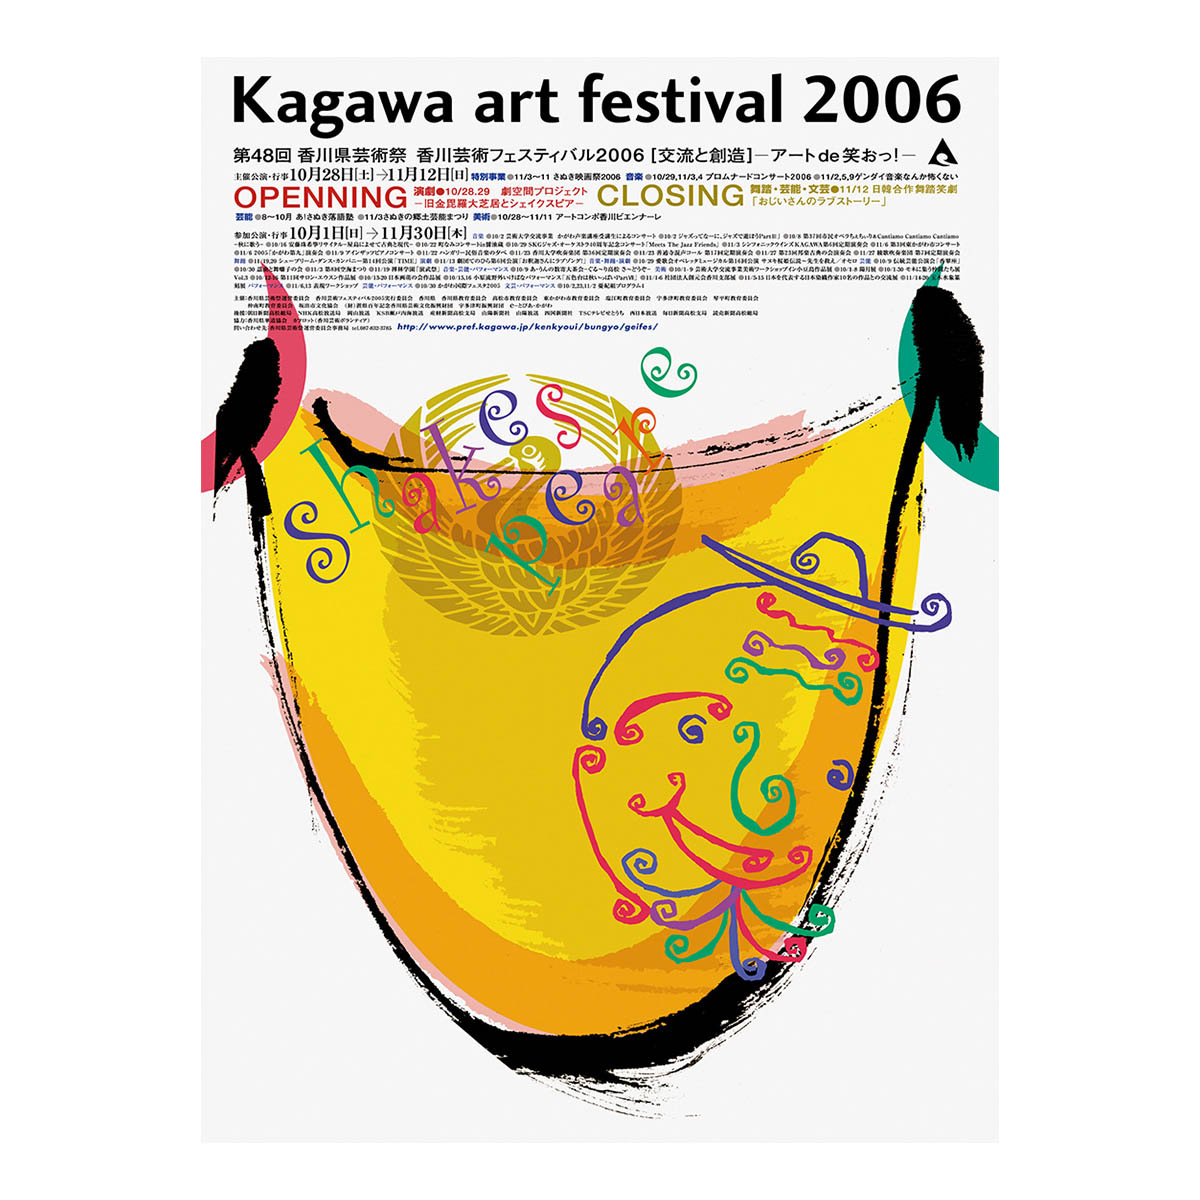 香川県芸術祭運営委員会 Kagawa art festival 2006 ポスター